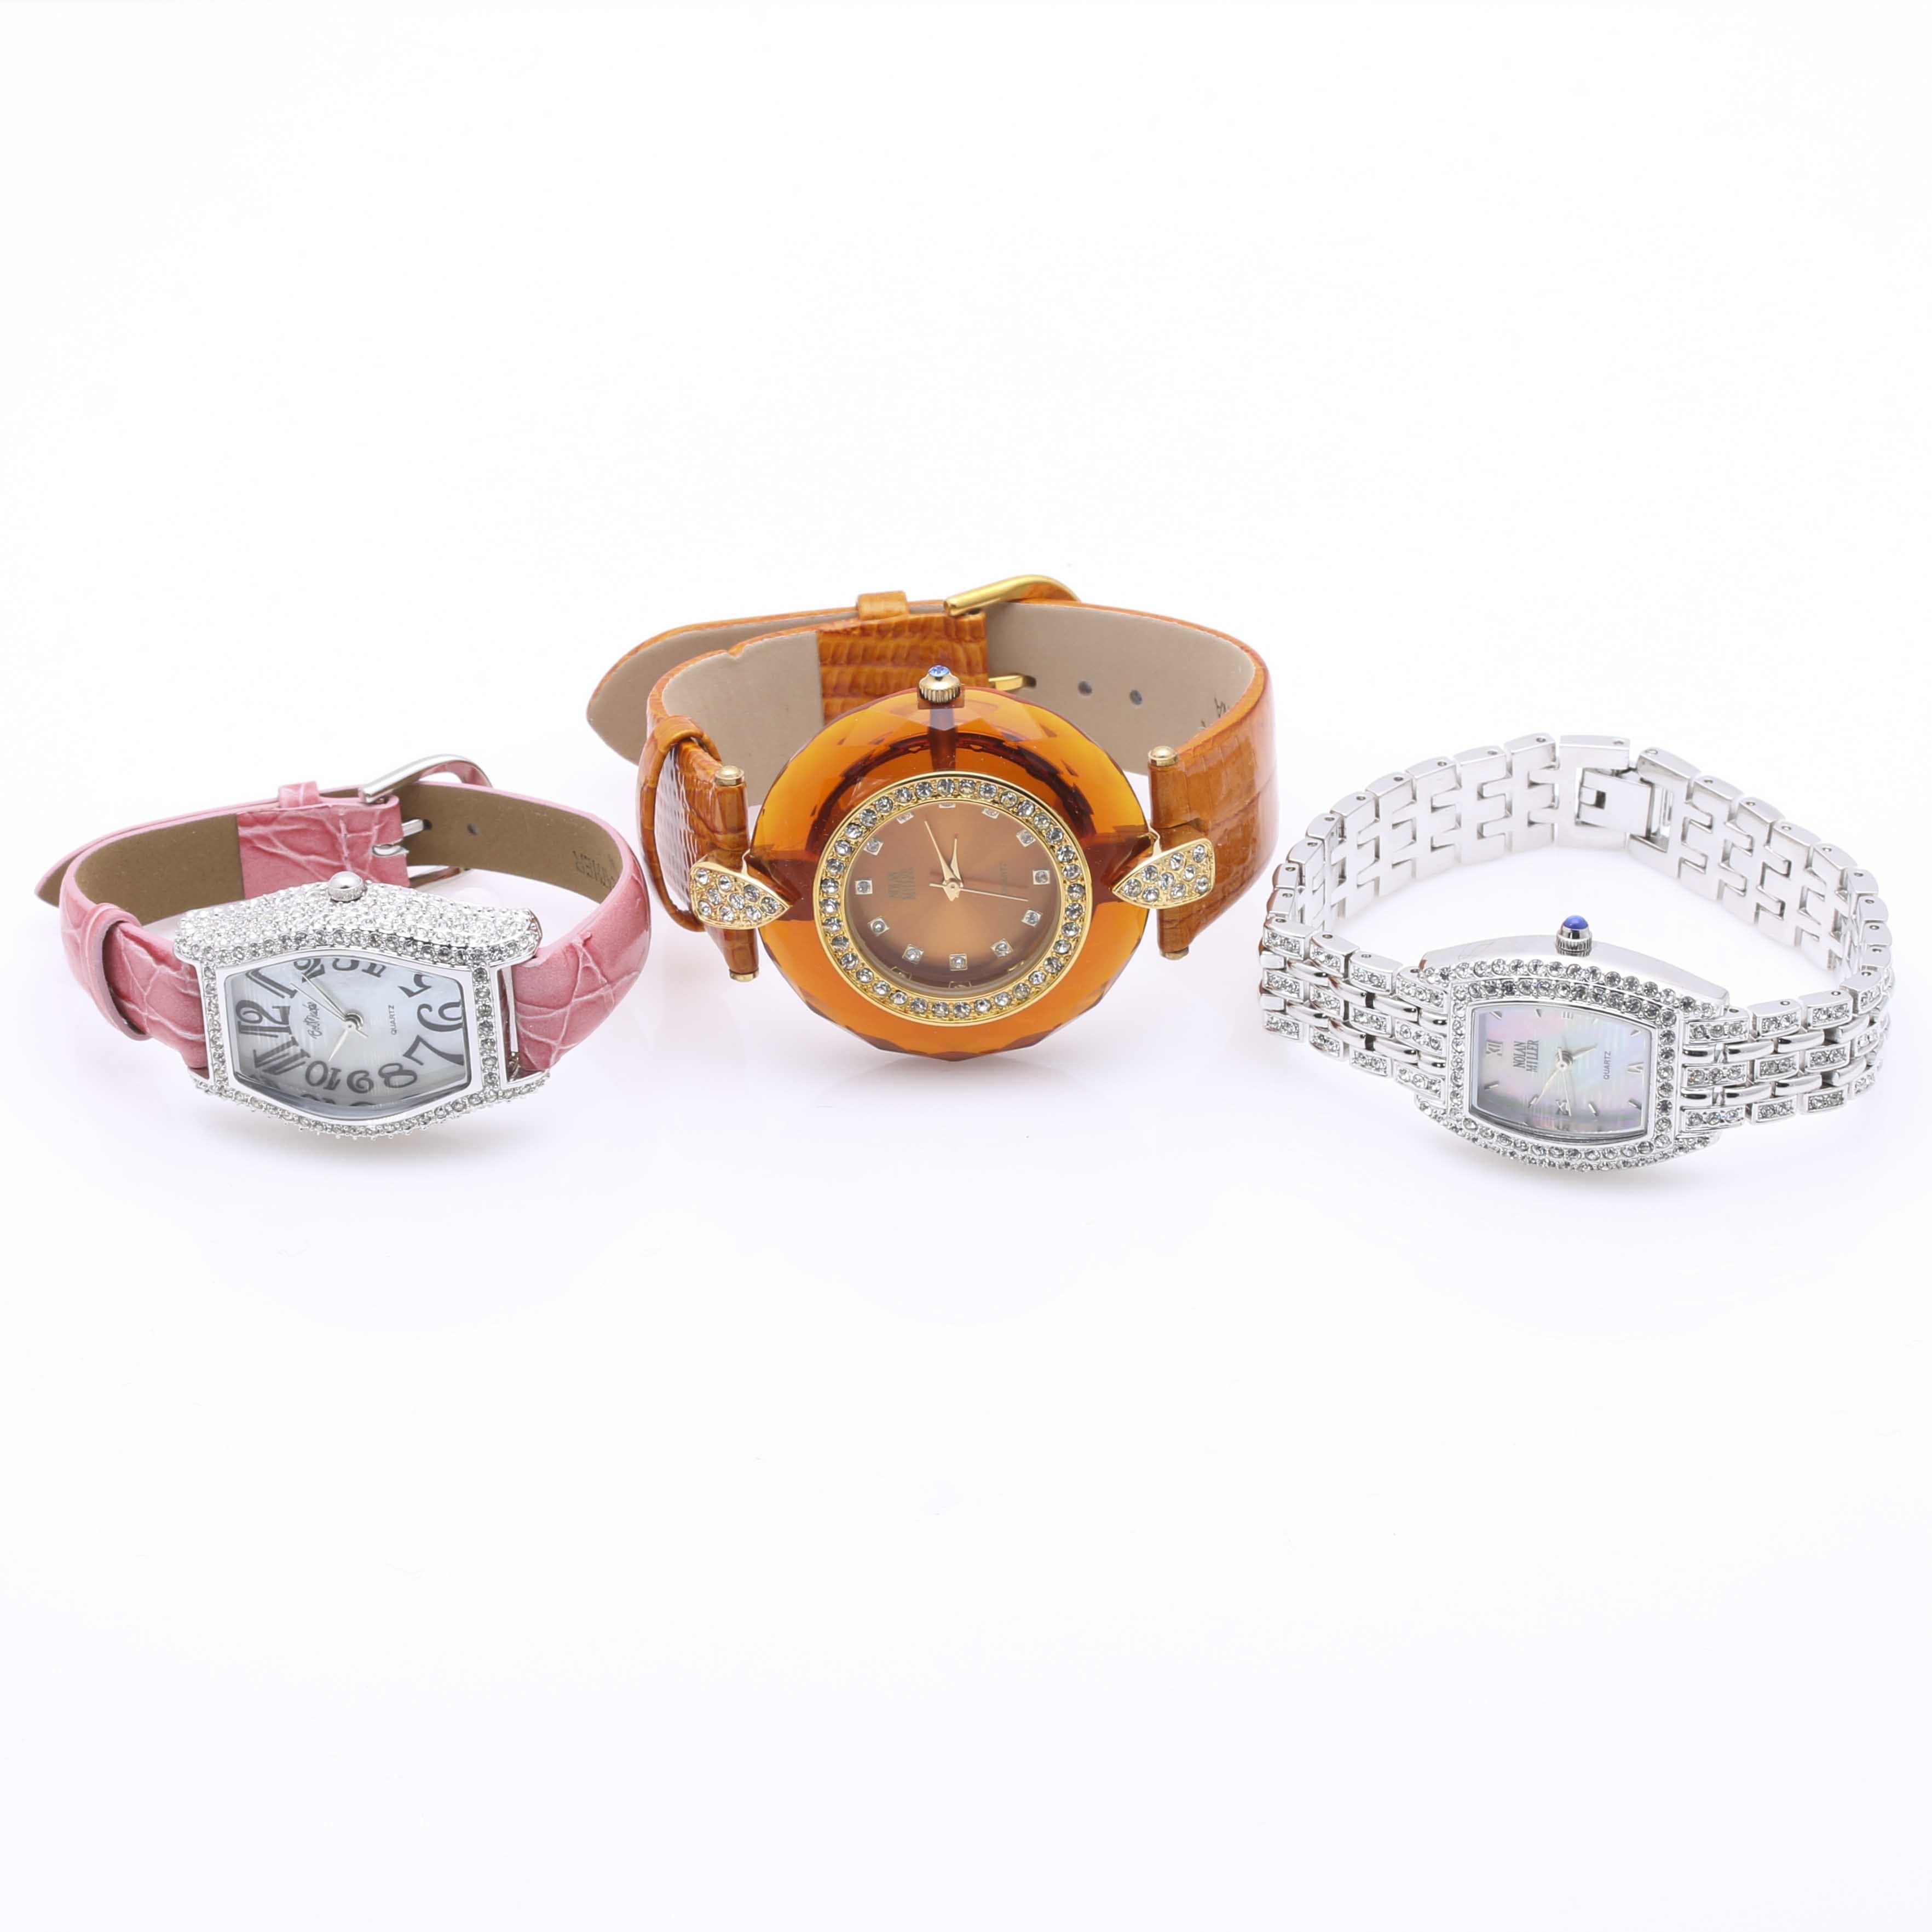 Women's Wristwatch Assortment